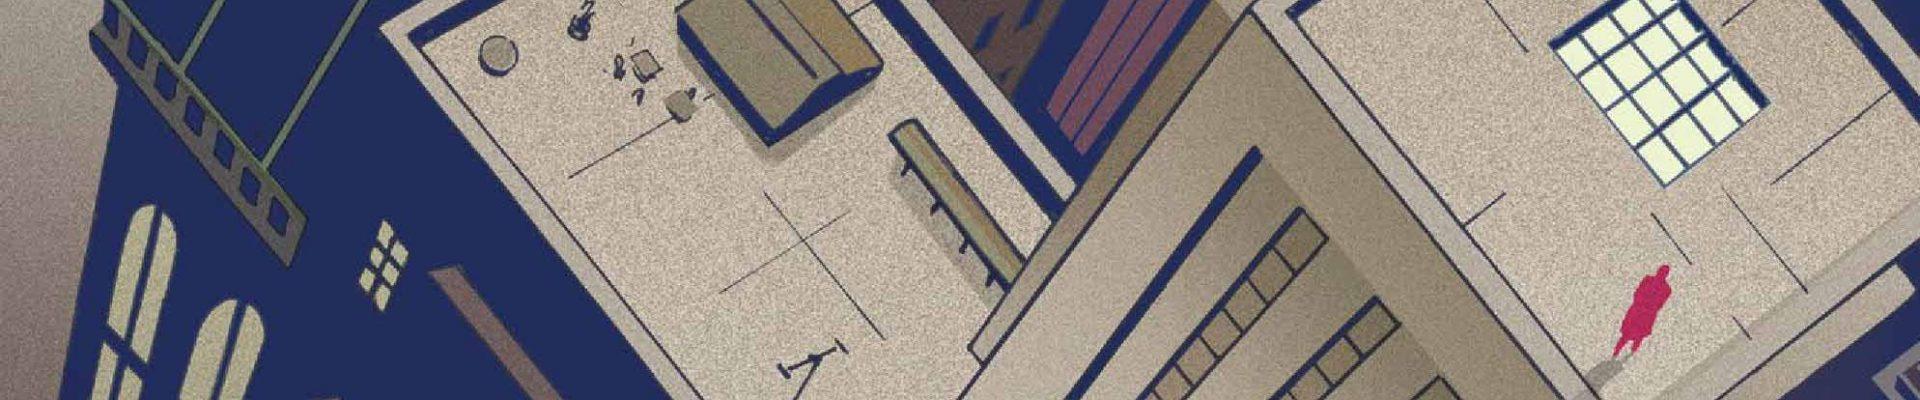 Εργαστήριο Αρχιτεκτονικής Και Comics